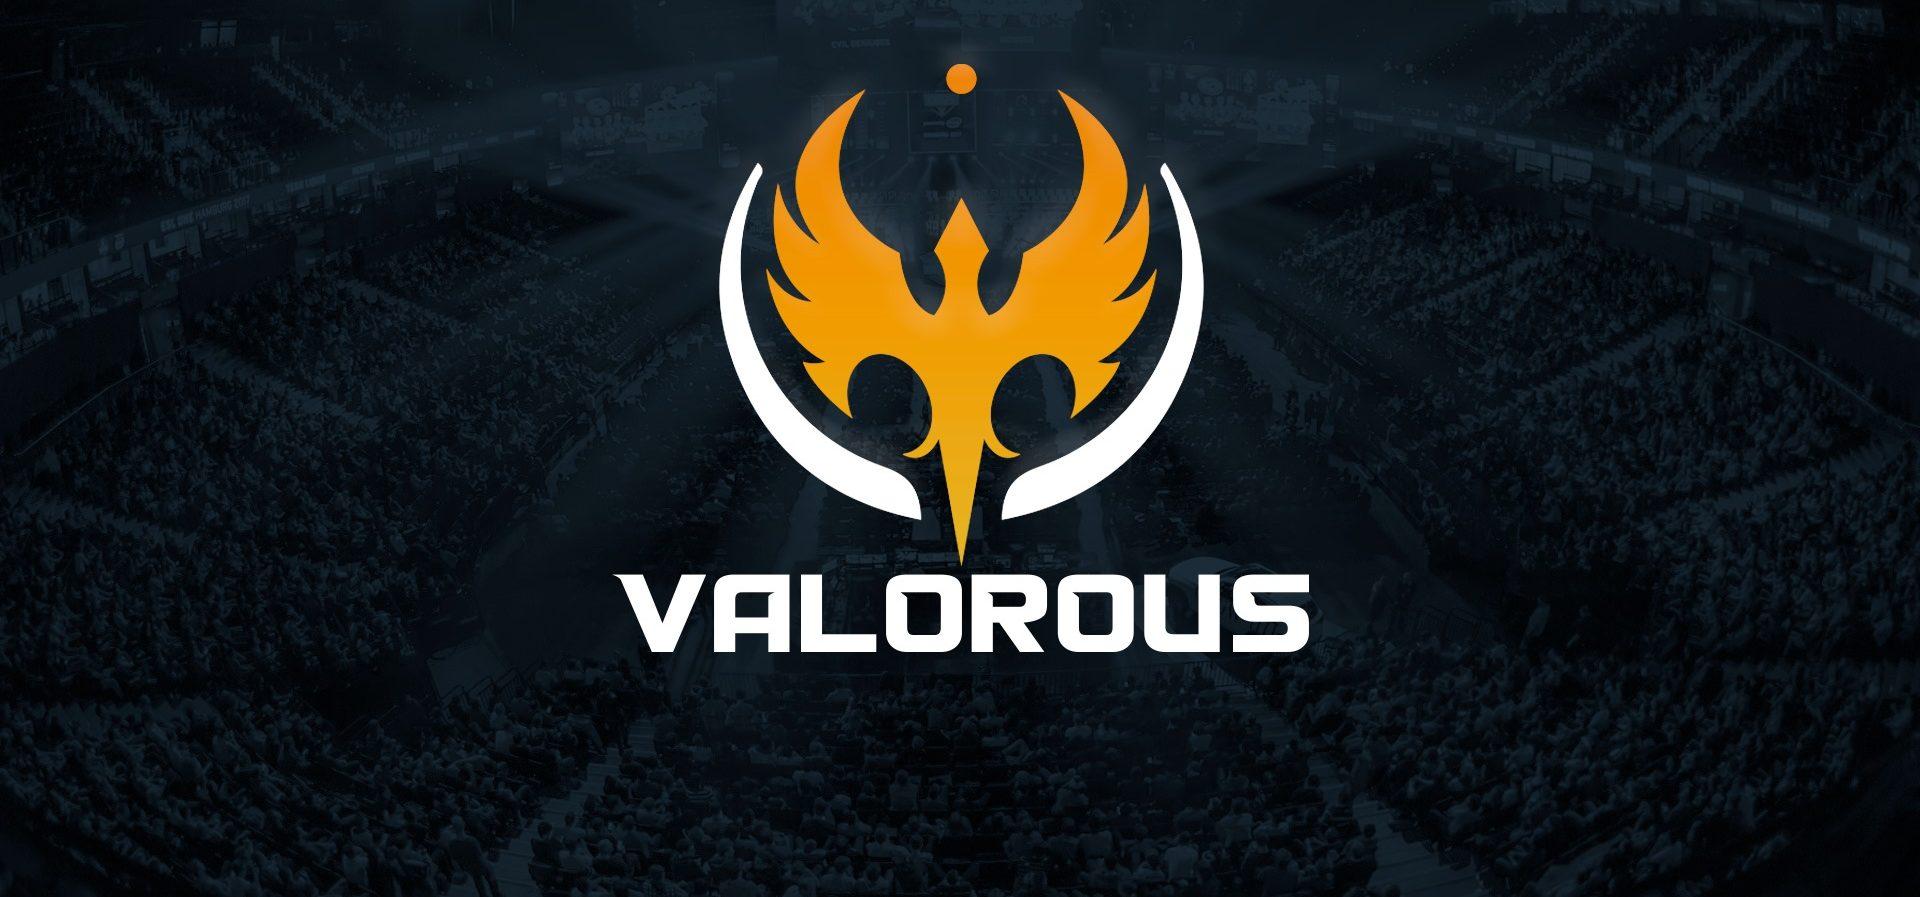 Valorous